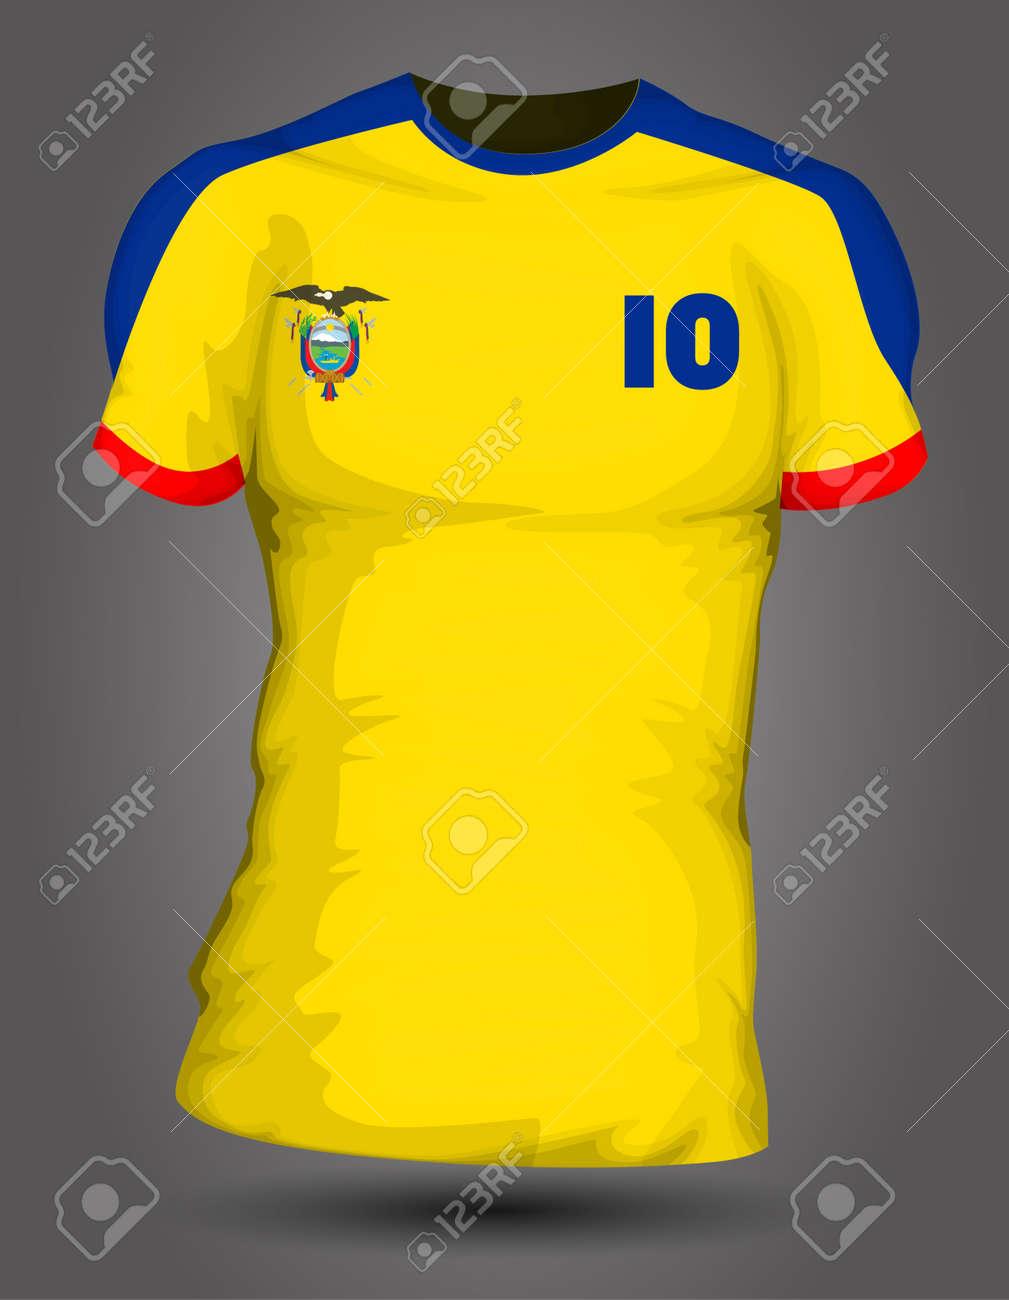 ecuador soccer jersey